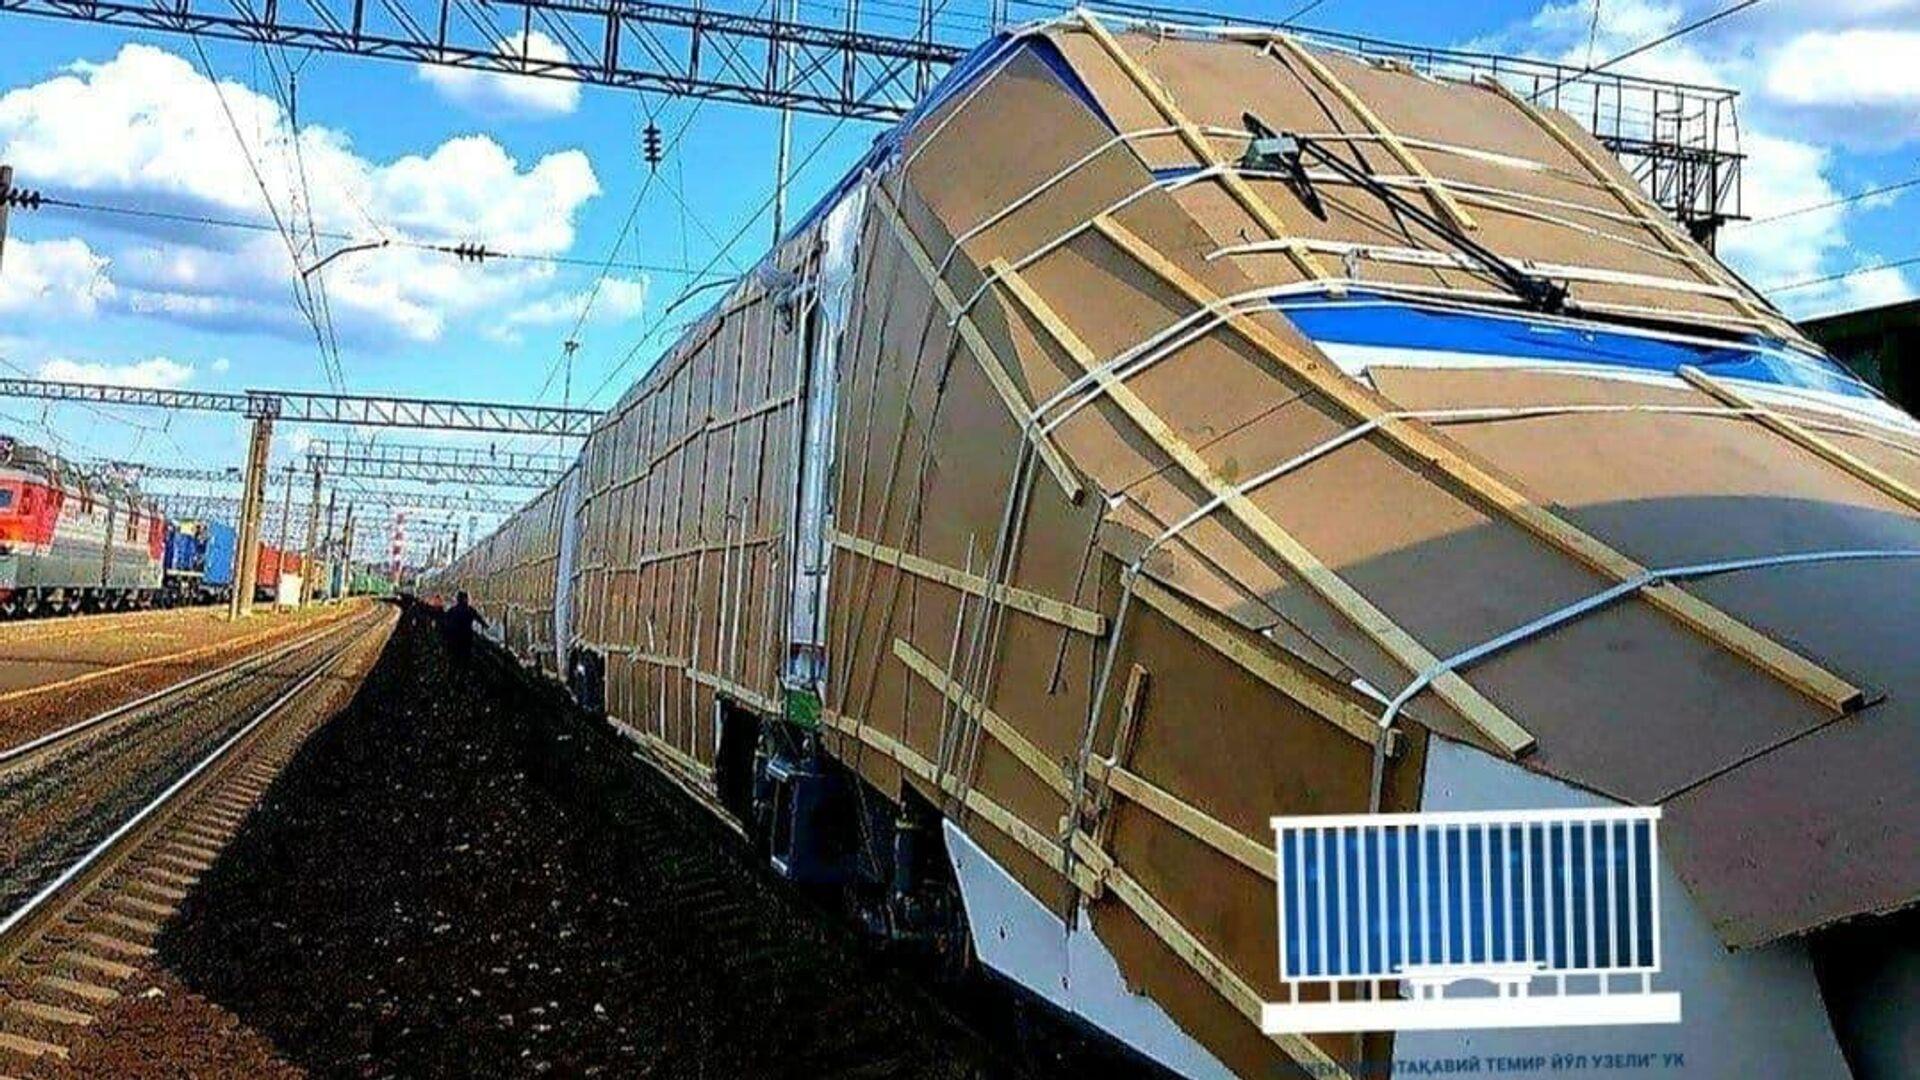 Транспортировка нового поезда Афрасиаб из России в Узбекистан - Sputnik Узбекистан, 1920, 21.07.2021